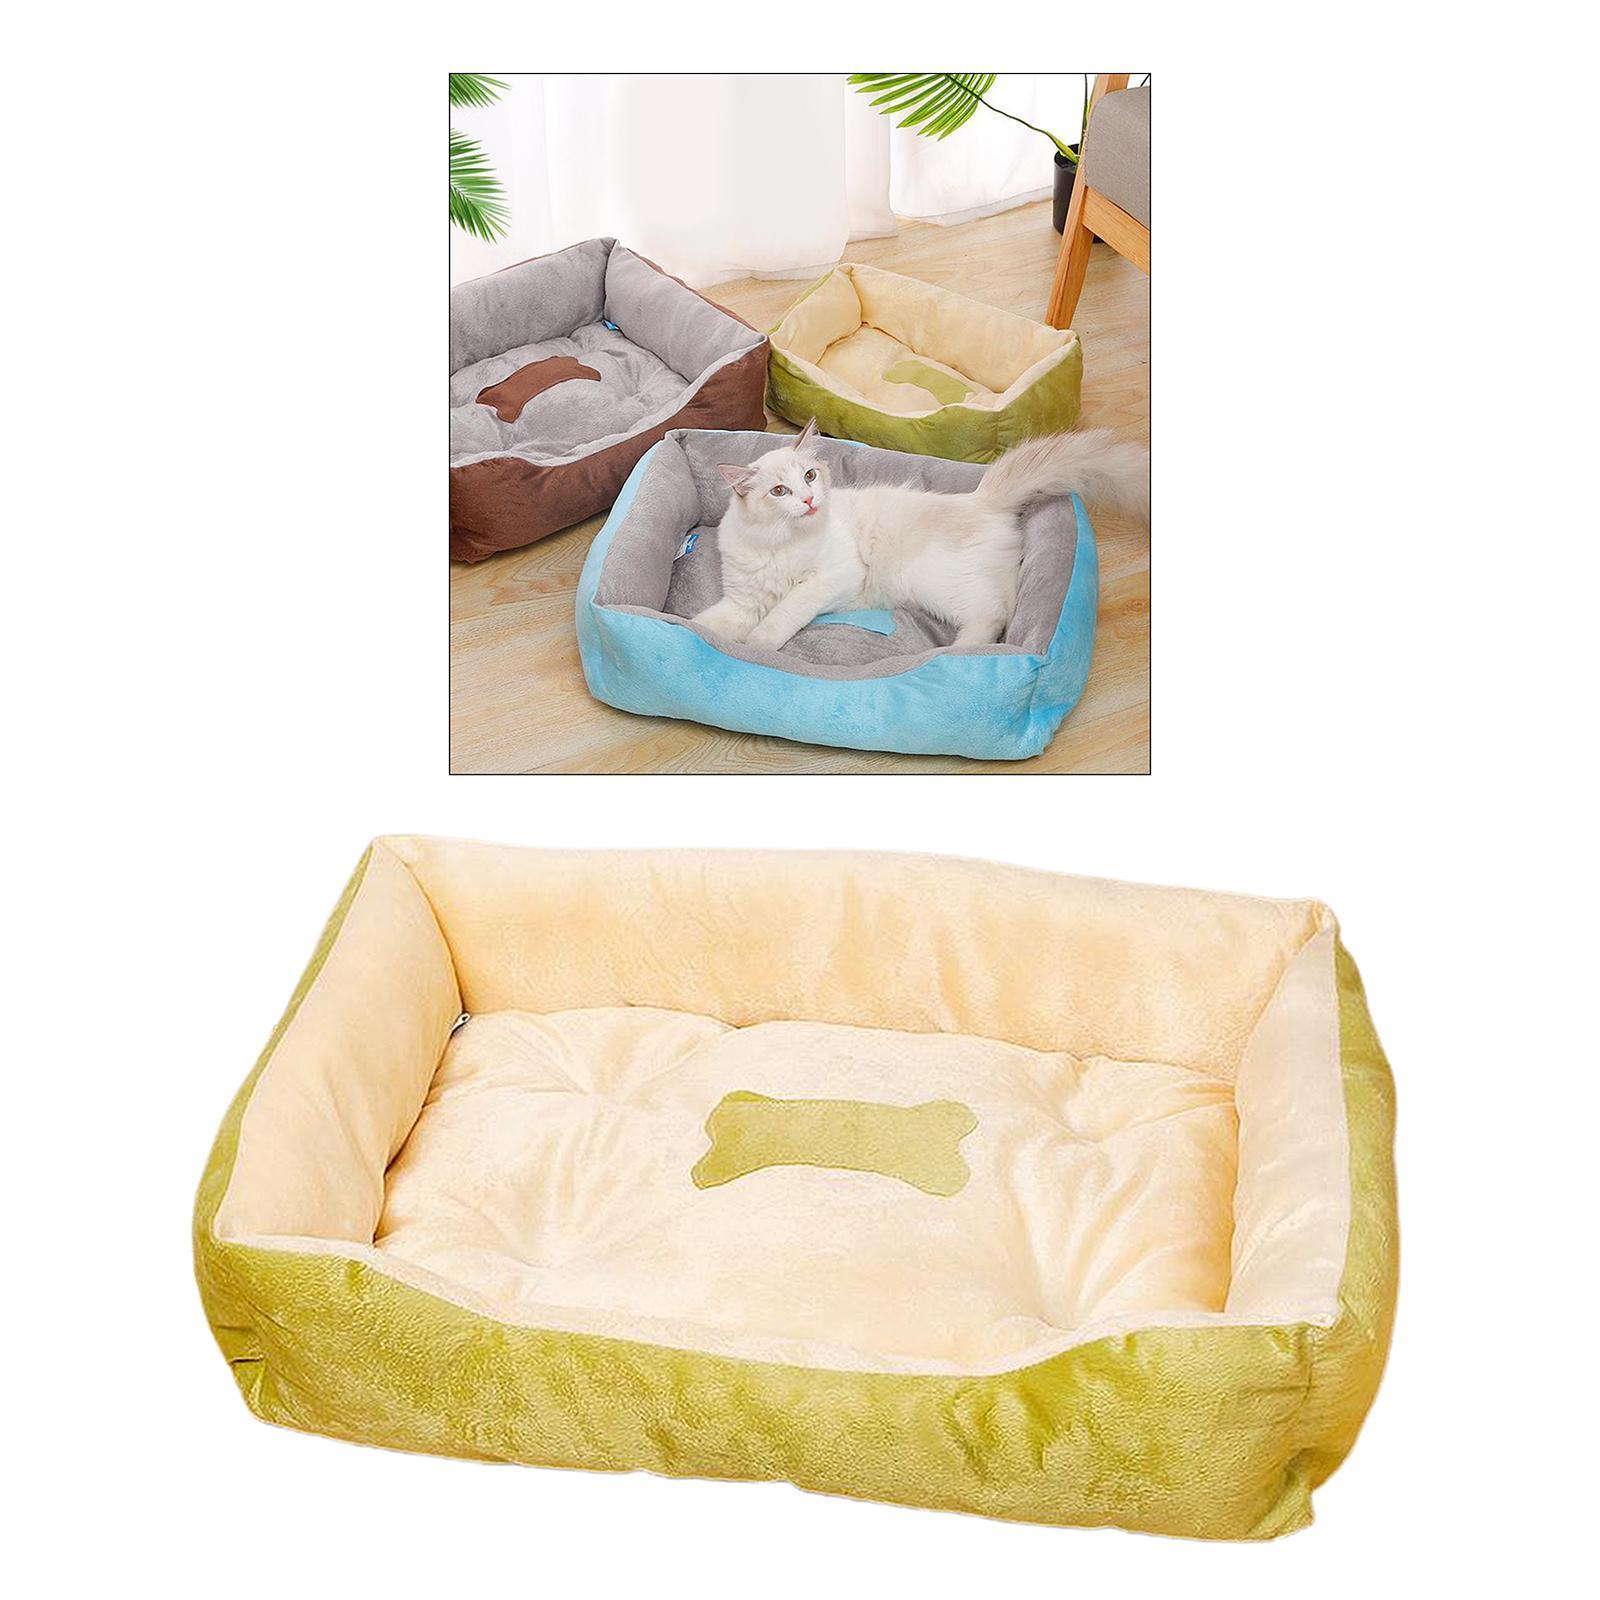 Indexbild 19 - Katze-Hund-Bett-Pet-Kissen-Betten-Haus-Schlaf-Soft-Warmen-Zwinger-Decke-Nest